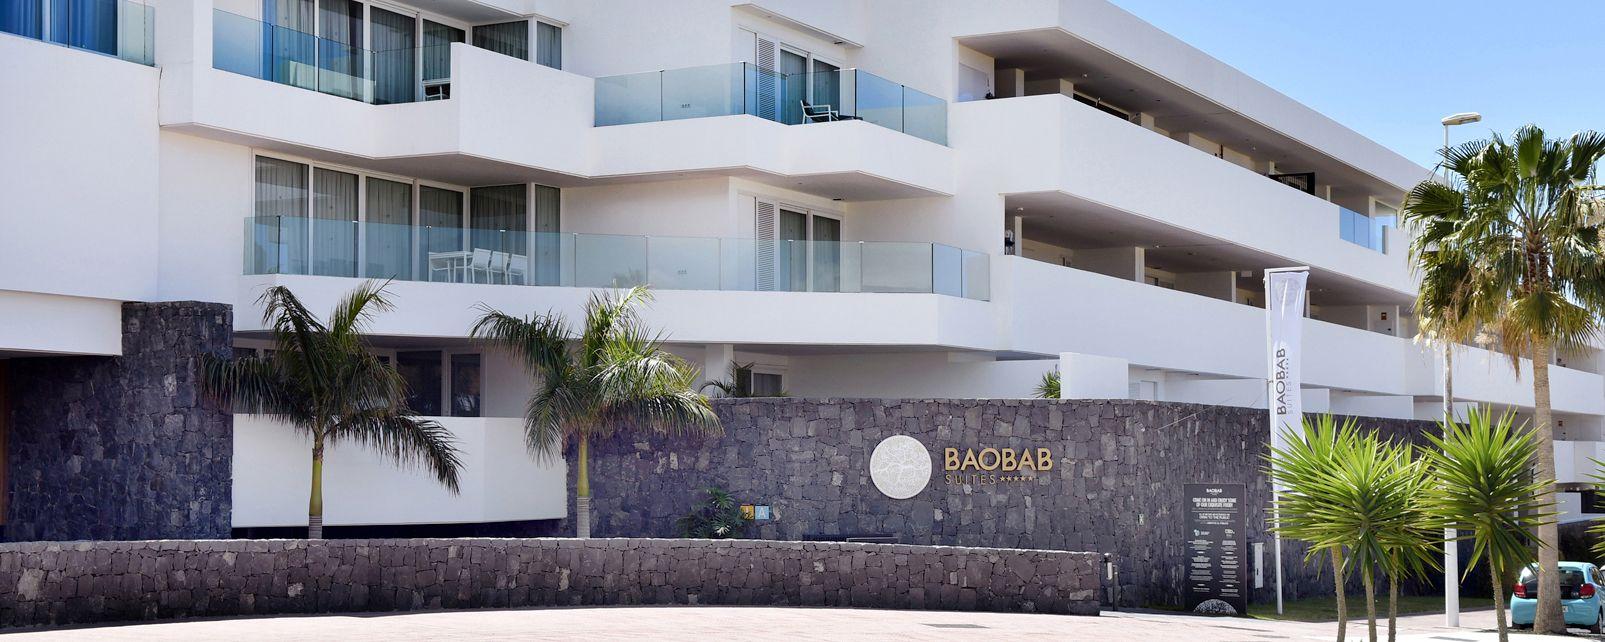 Hôtel Baobab Suites